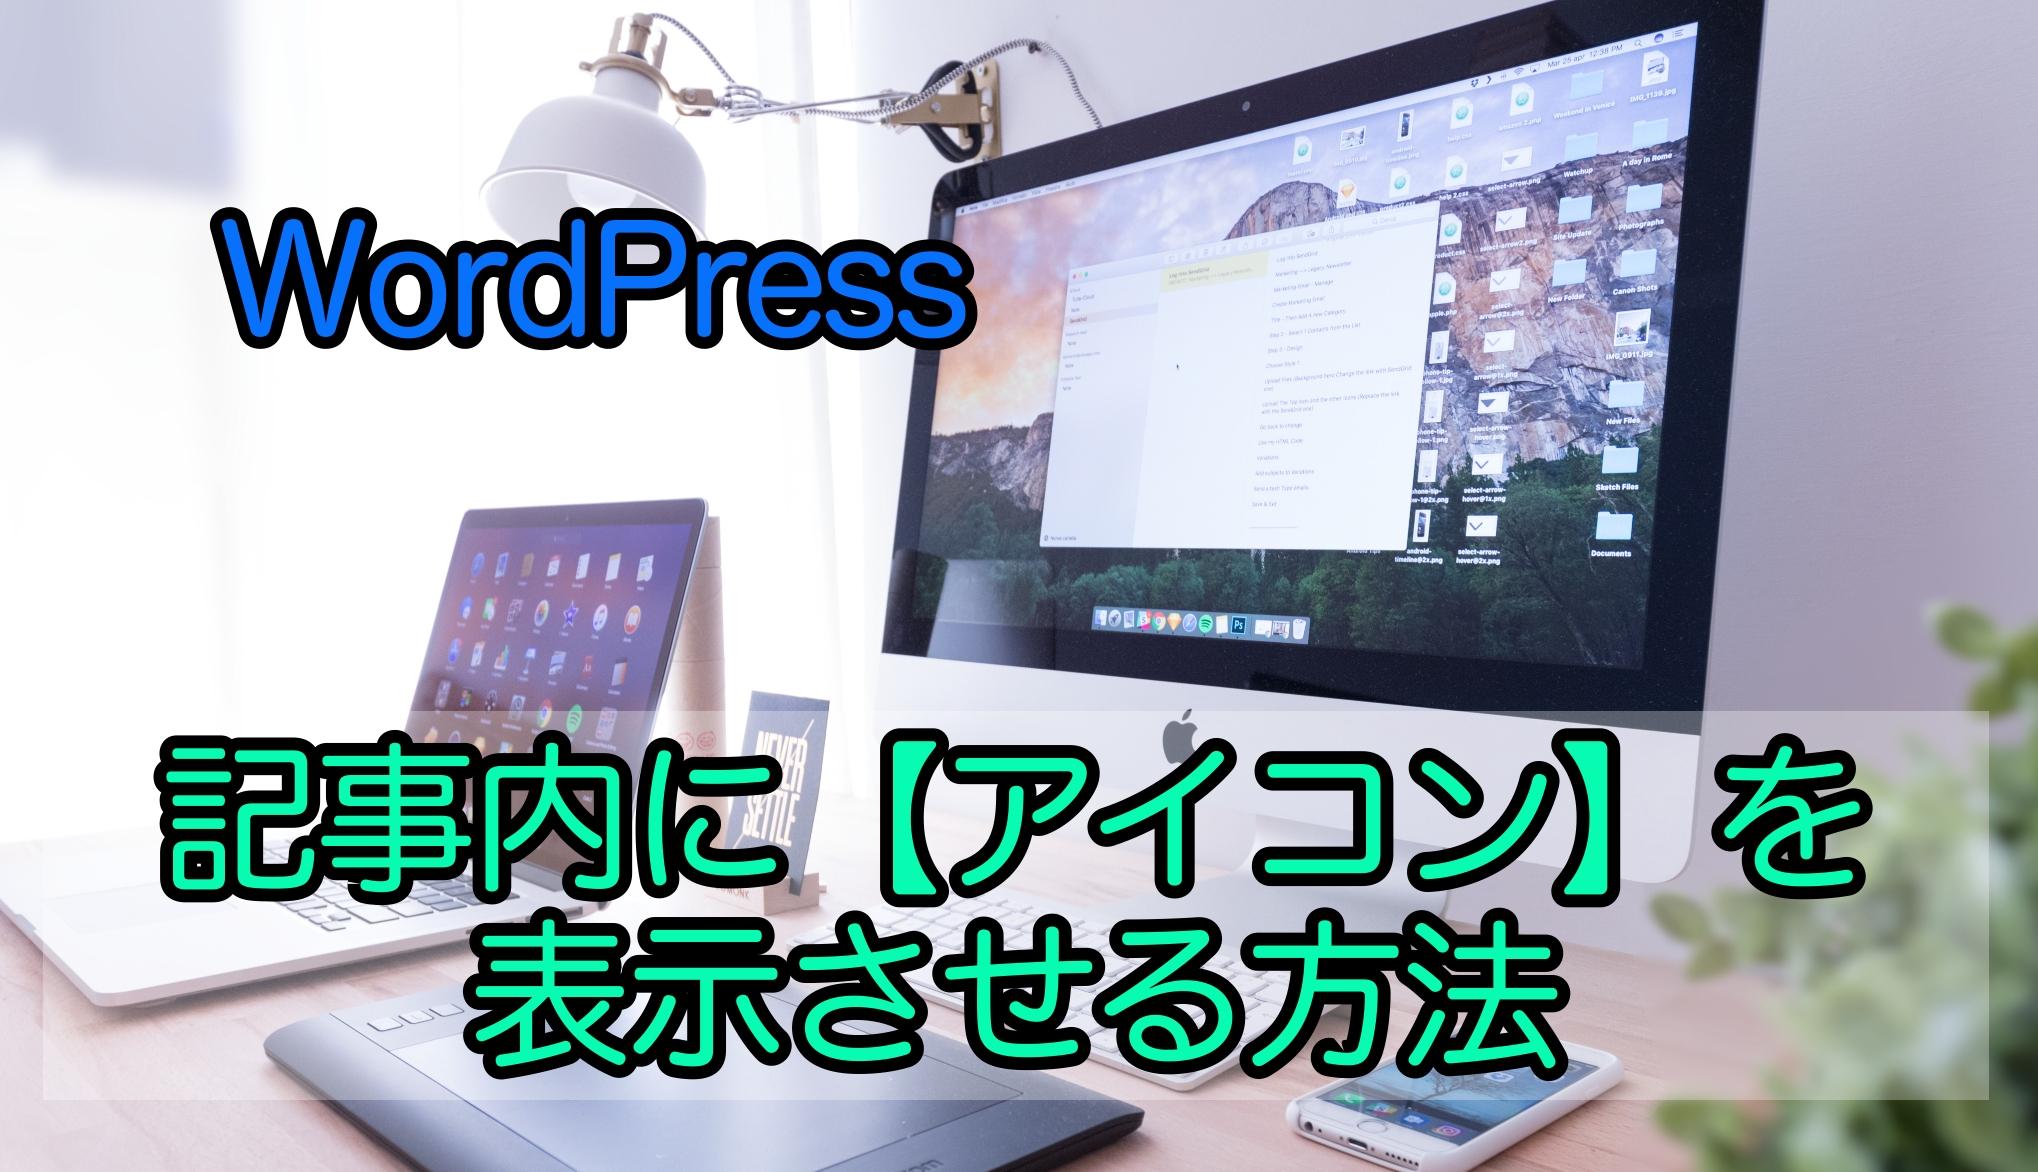 WordPress アイキャッチ画像-アイコンフォント